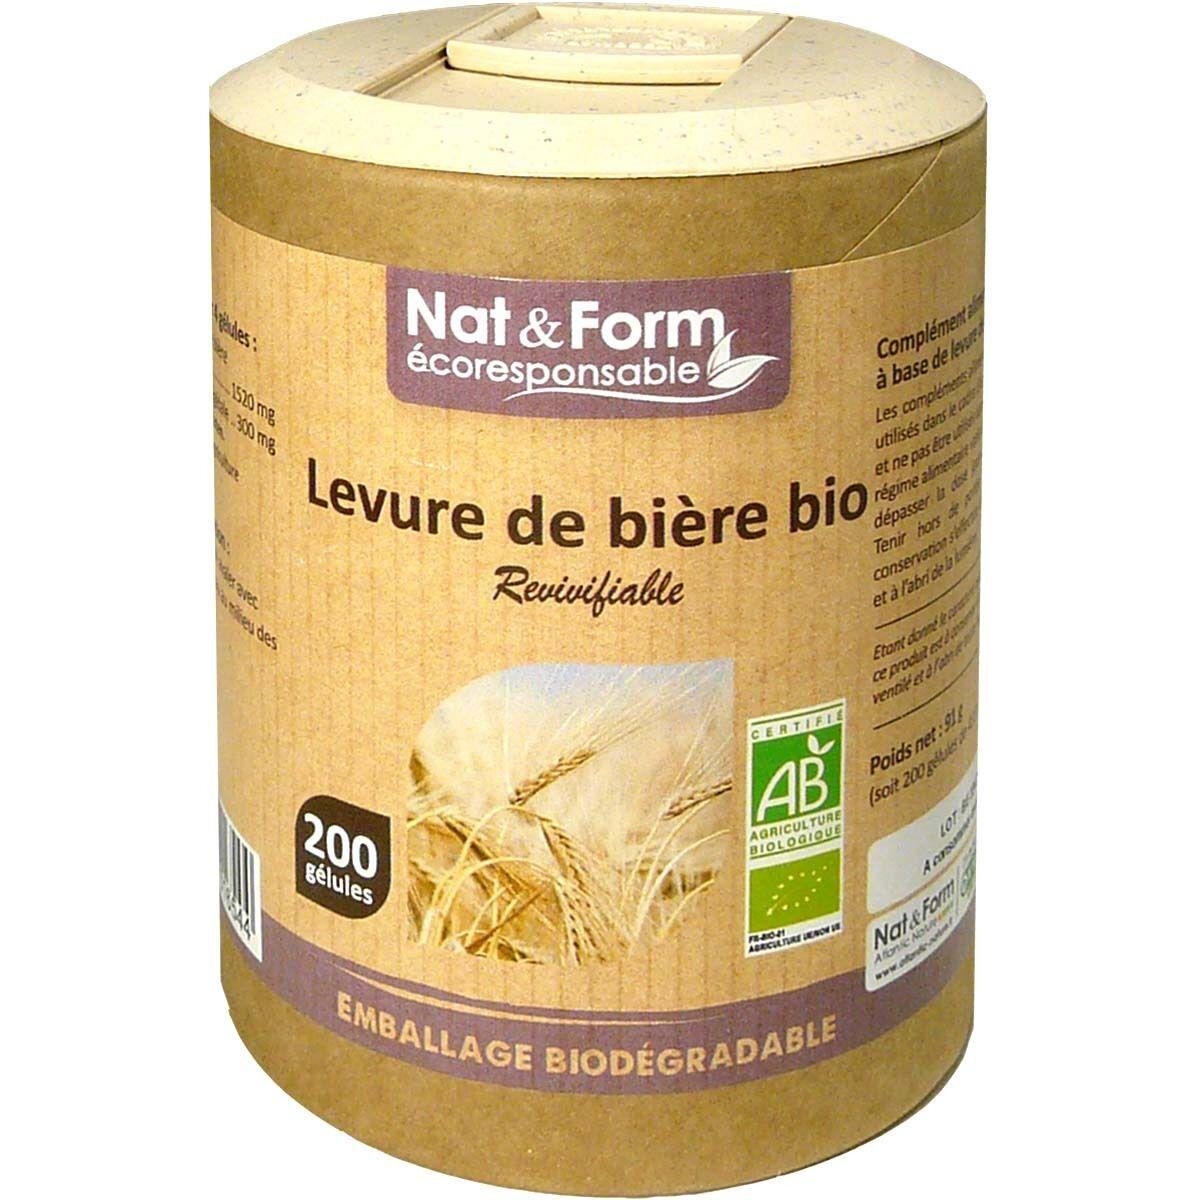 Nat & form levure de biere bio revivifiable 200 gelules